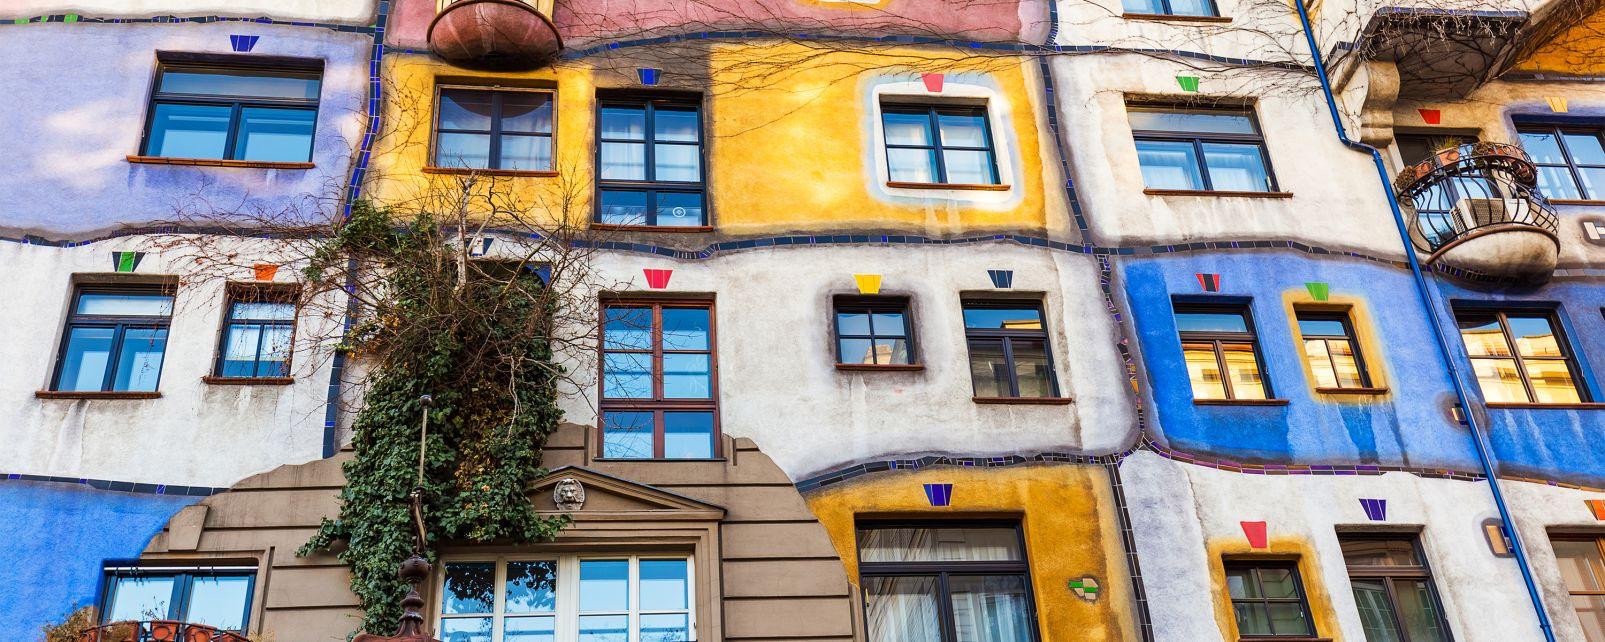 Hundertwasserhaus, Die Künste und die Kultur, Wien, Österreich